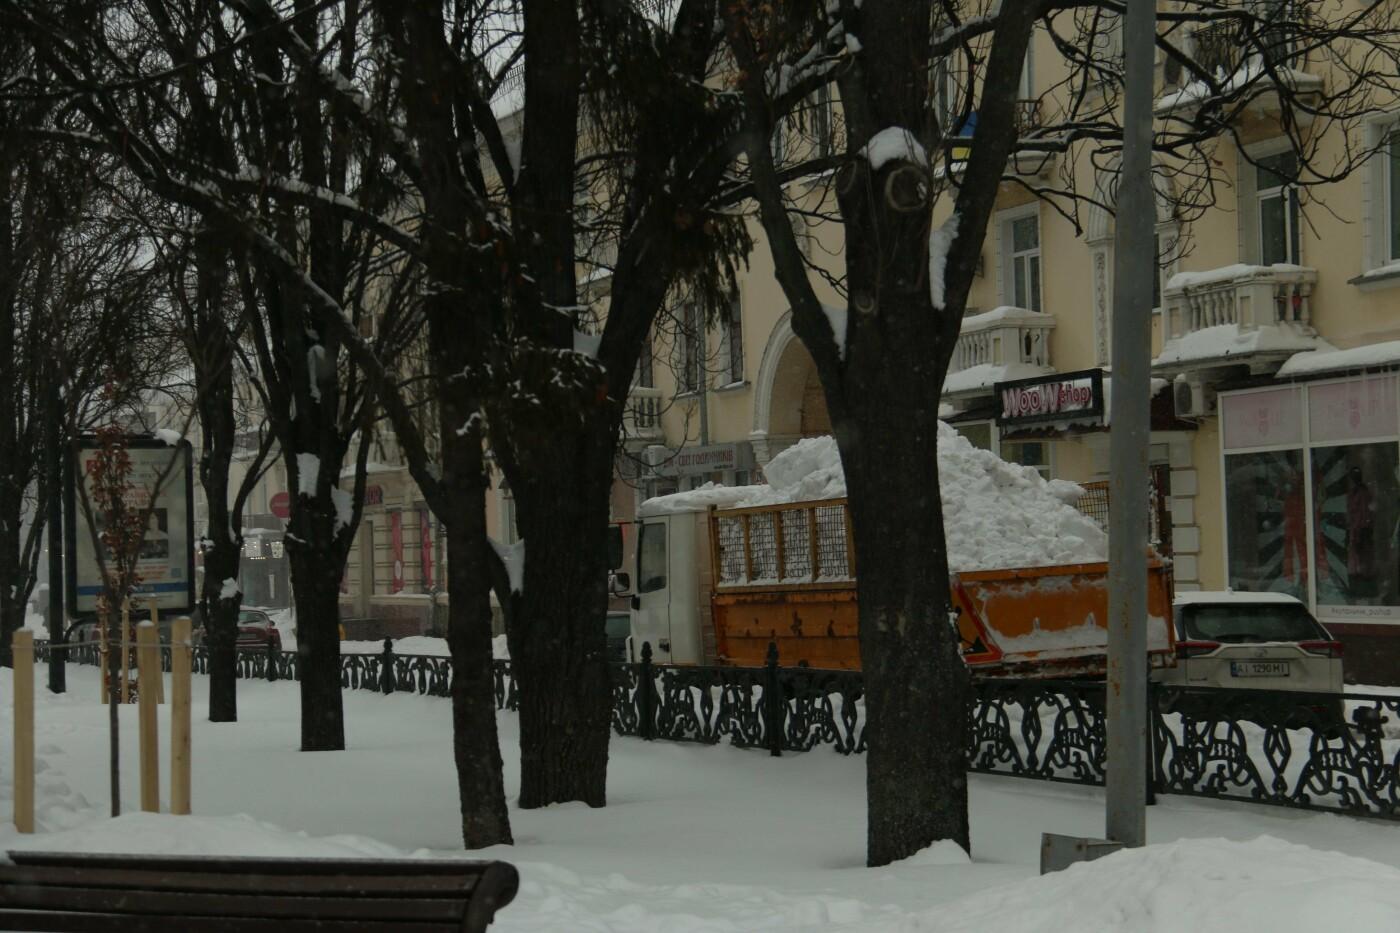 Замело: чи довго сніг лежатиме на вулицях Чернігова?, фото-5